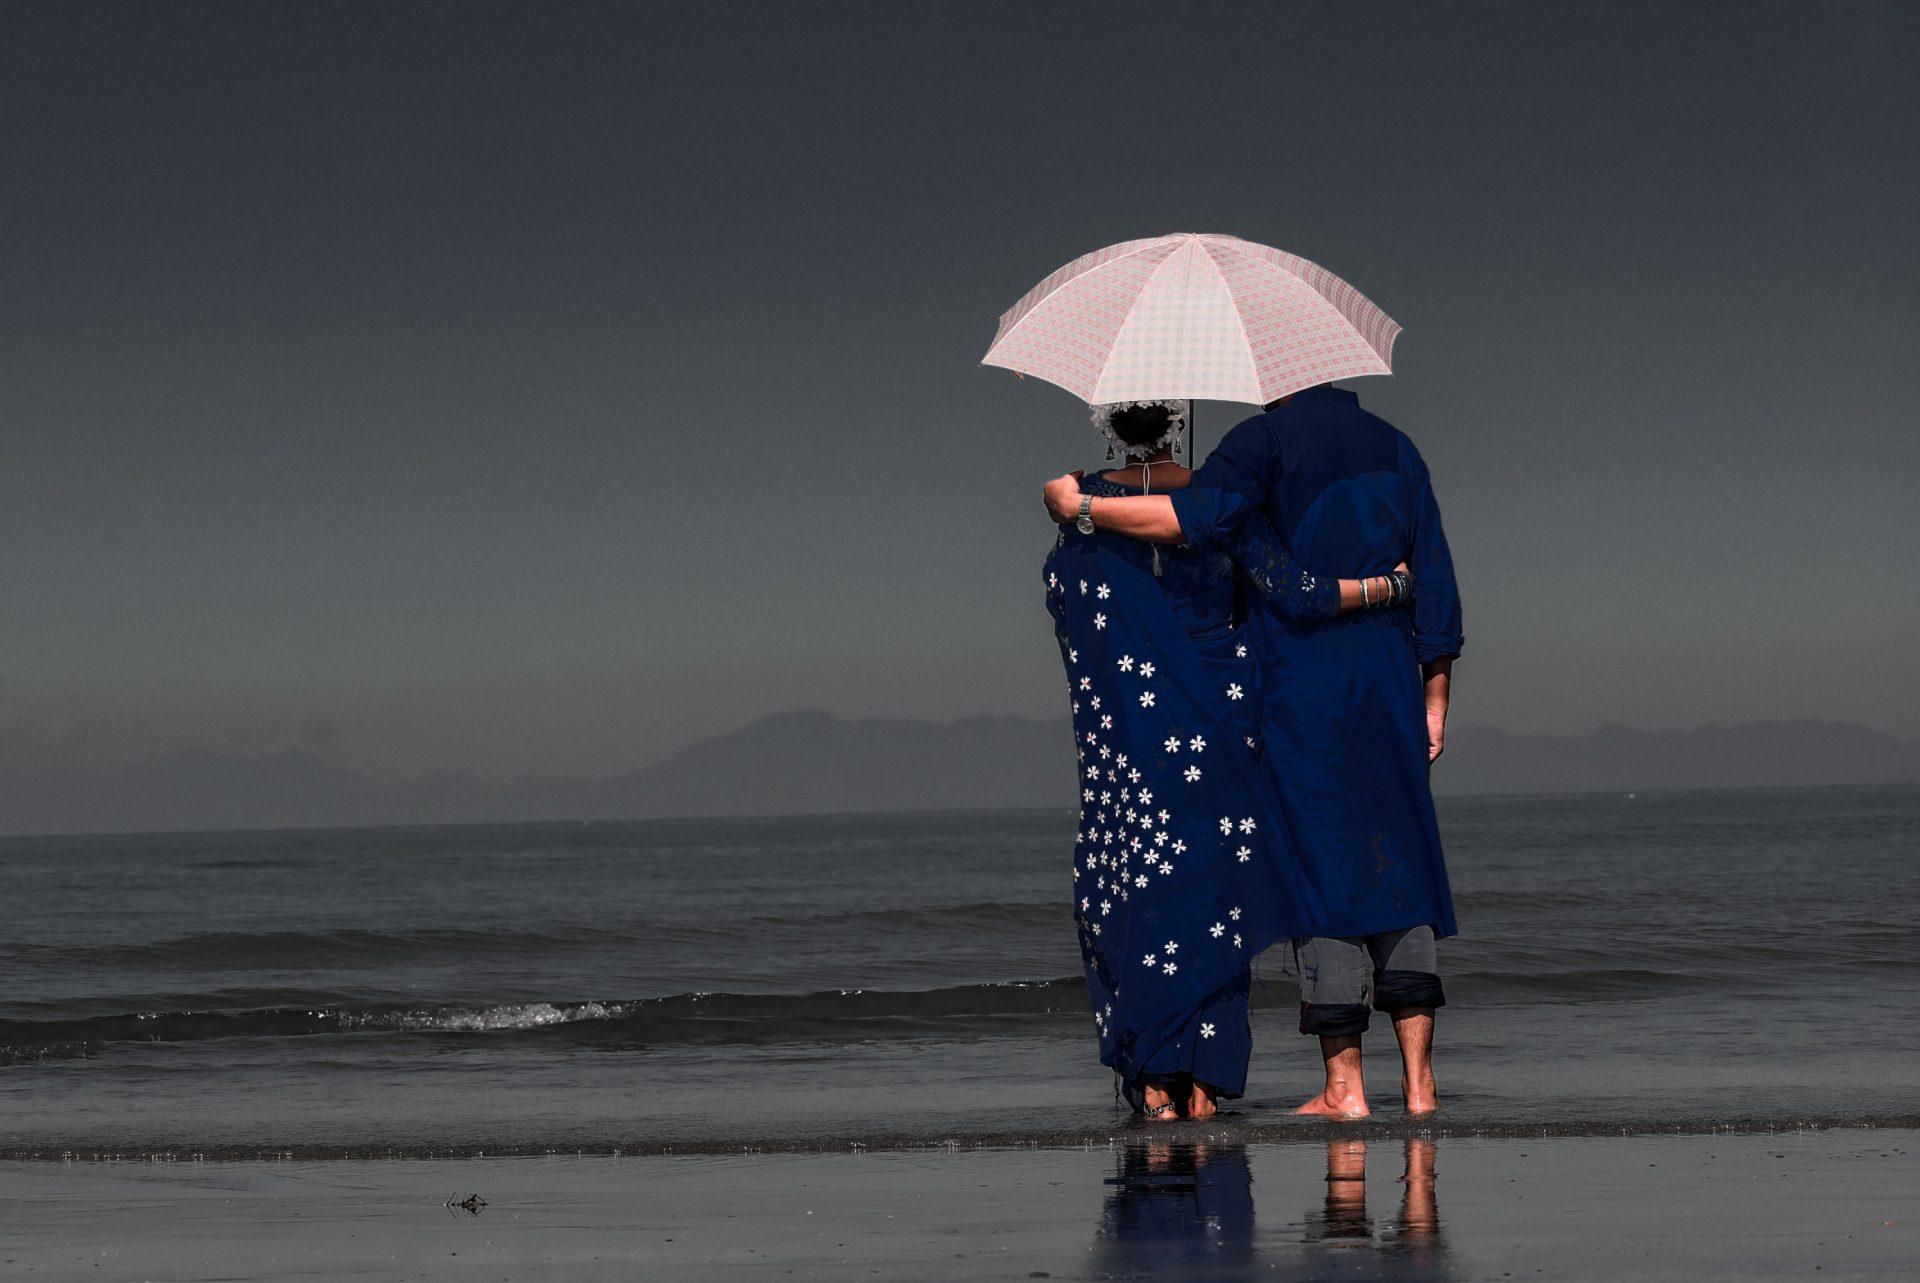 父の日には傘をプレゼント!選び方やおすすめのメンズ傘ブランドまで解説します!